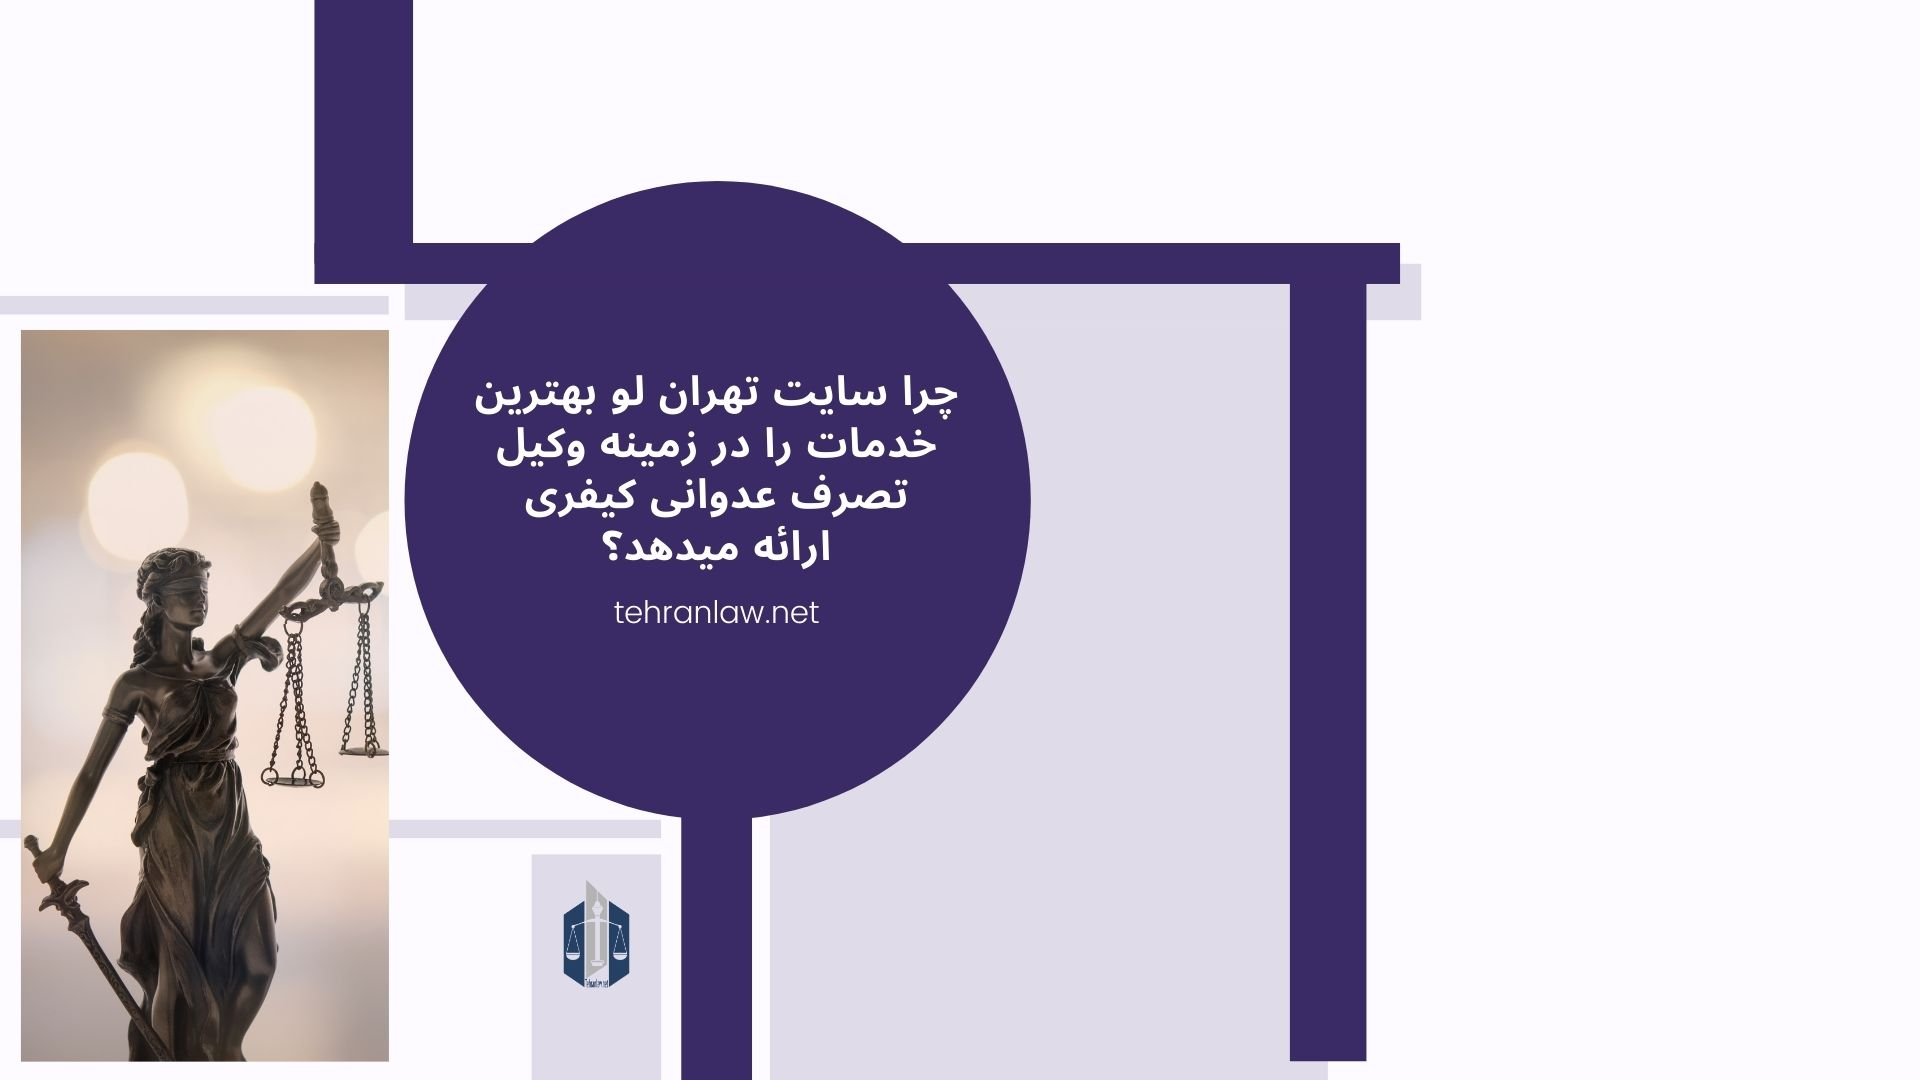 چرا سایت تهران لو بهترین خدمات را در زمینه وکیل تصرف عدوانی کیفری ارائه میدهد؟